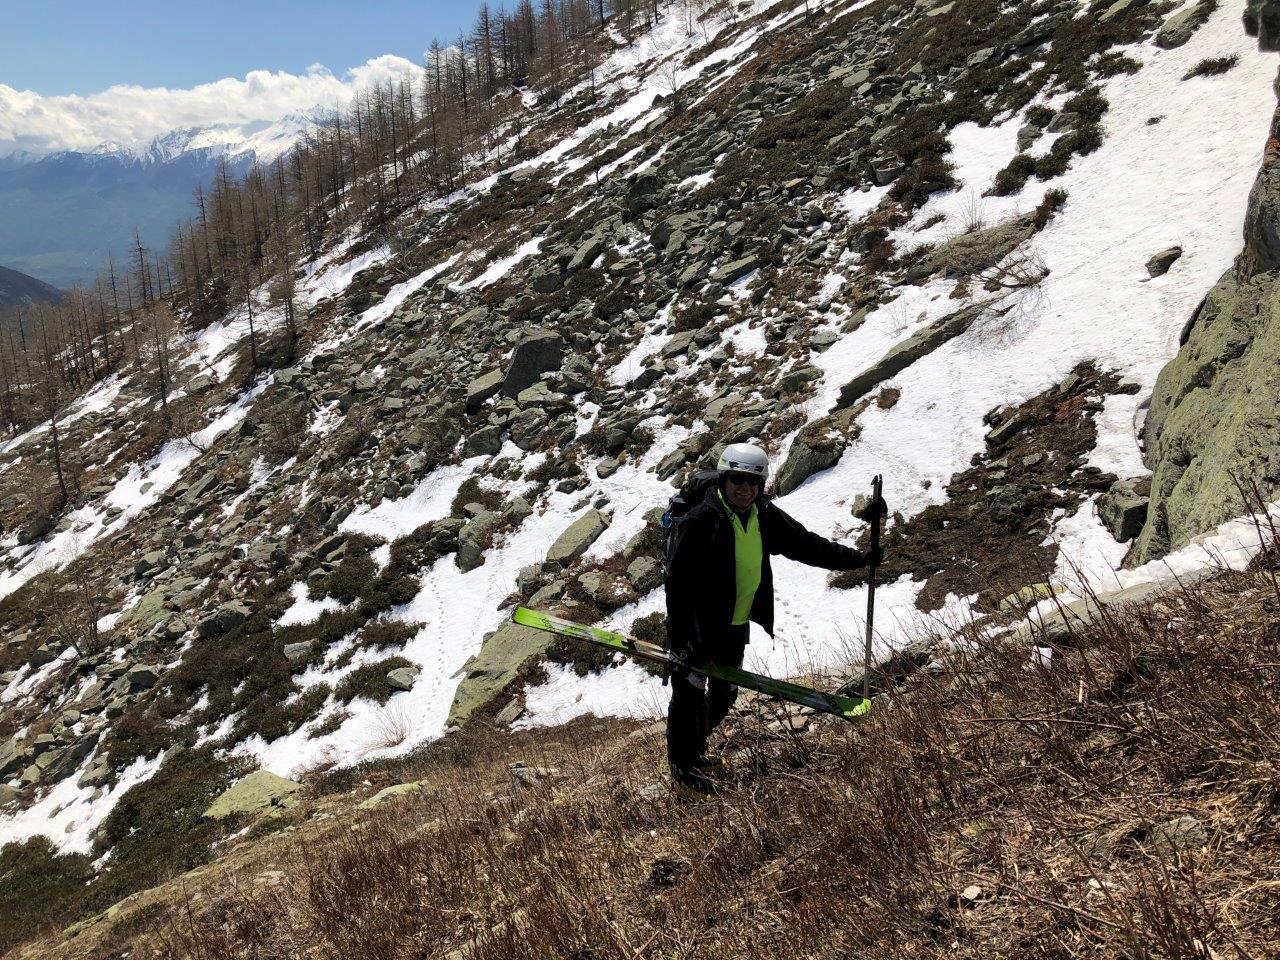 raggiungiamo l'ultima lingua di neve che ci permette di scendere fino a 1900 m ca.